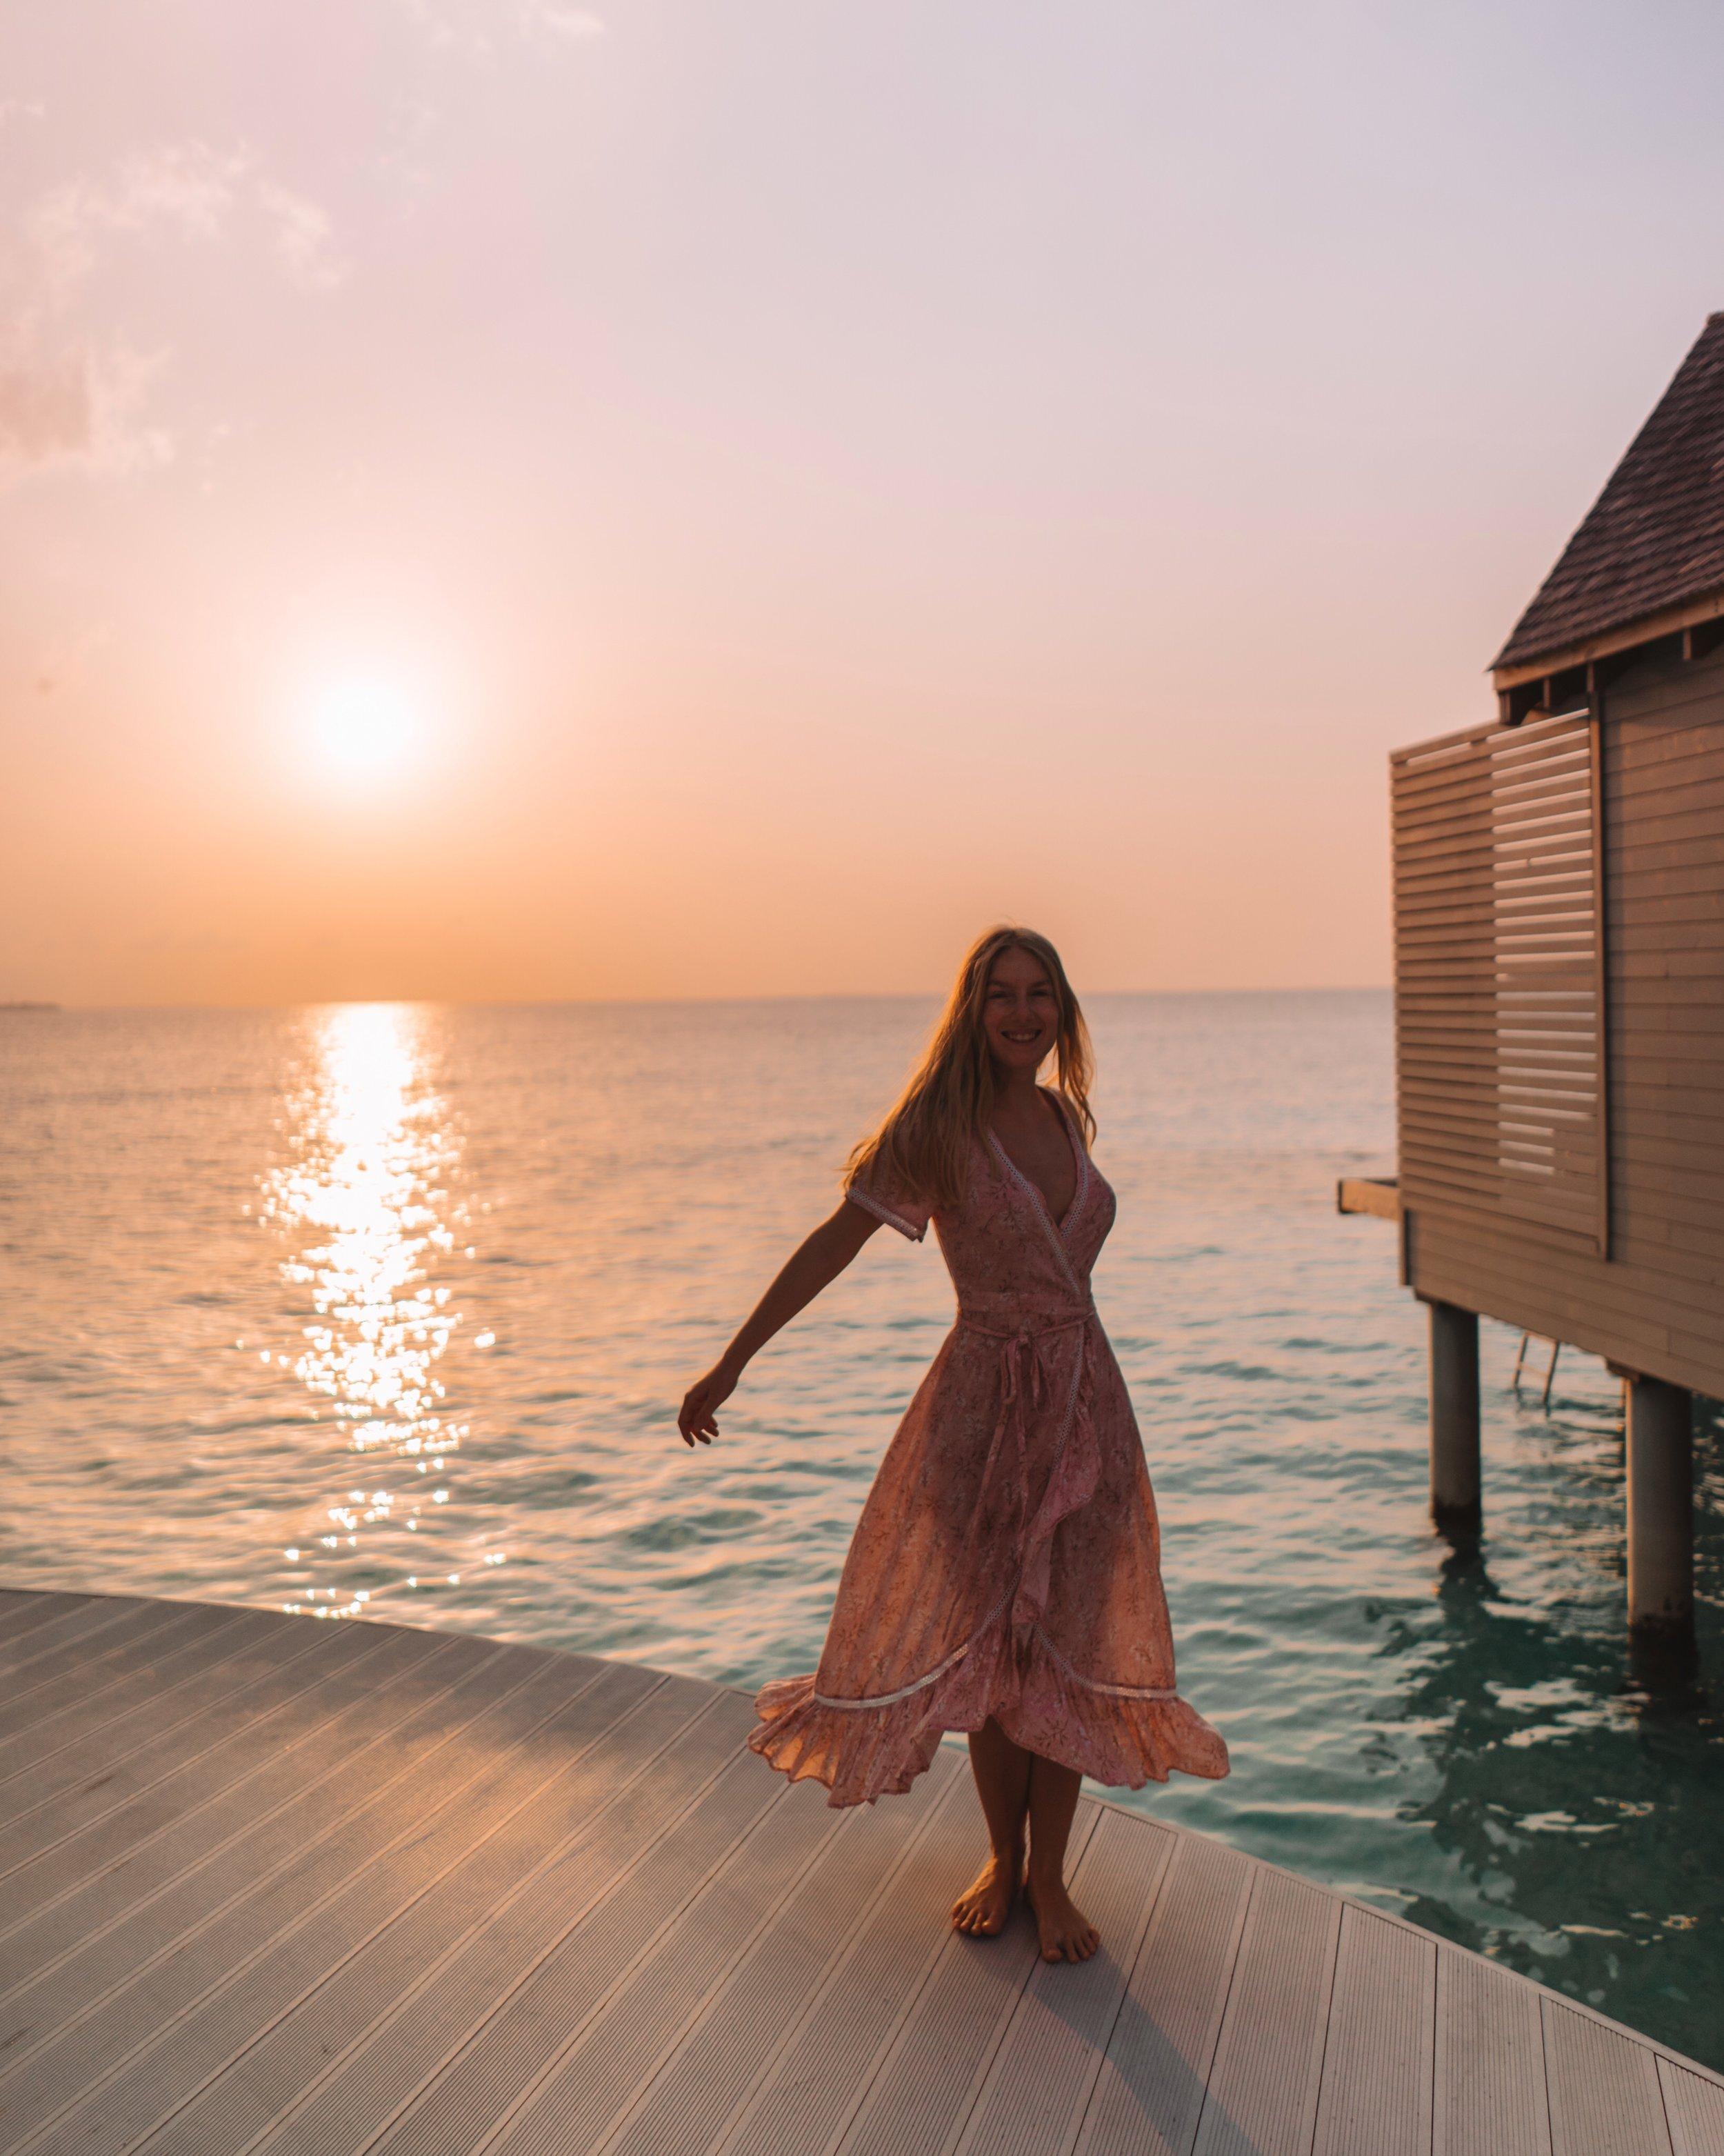 Chiara Barrasso - Travel Blogger in the Maldives